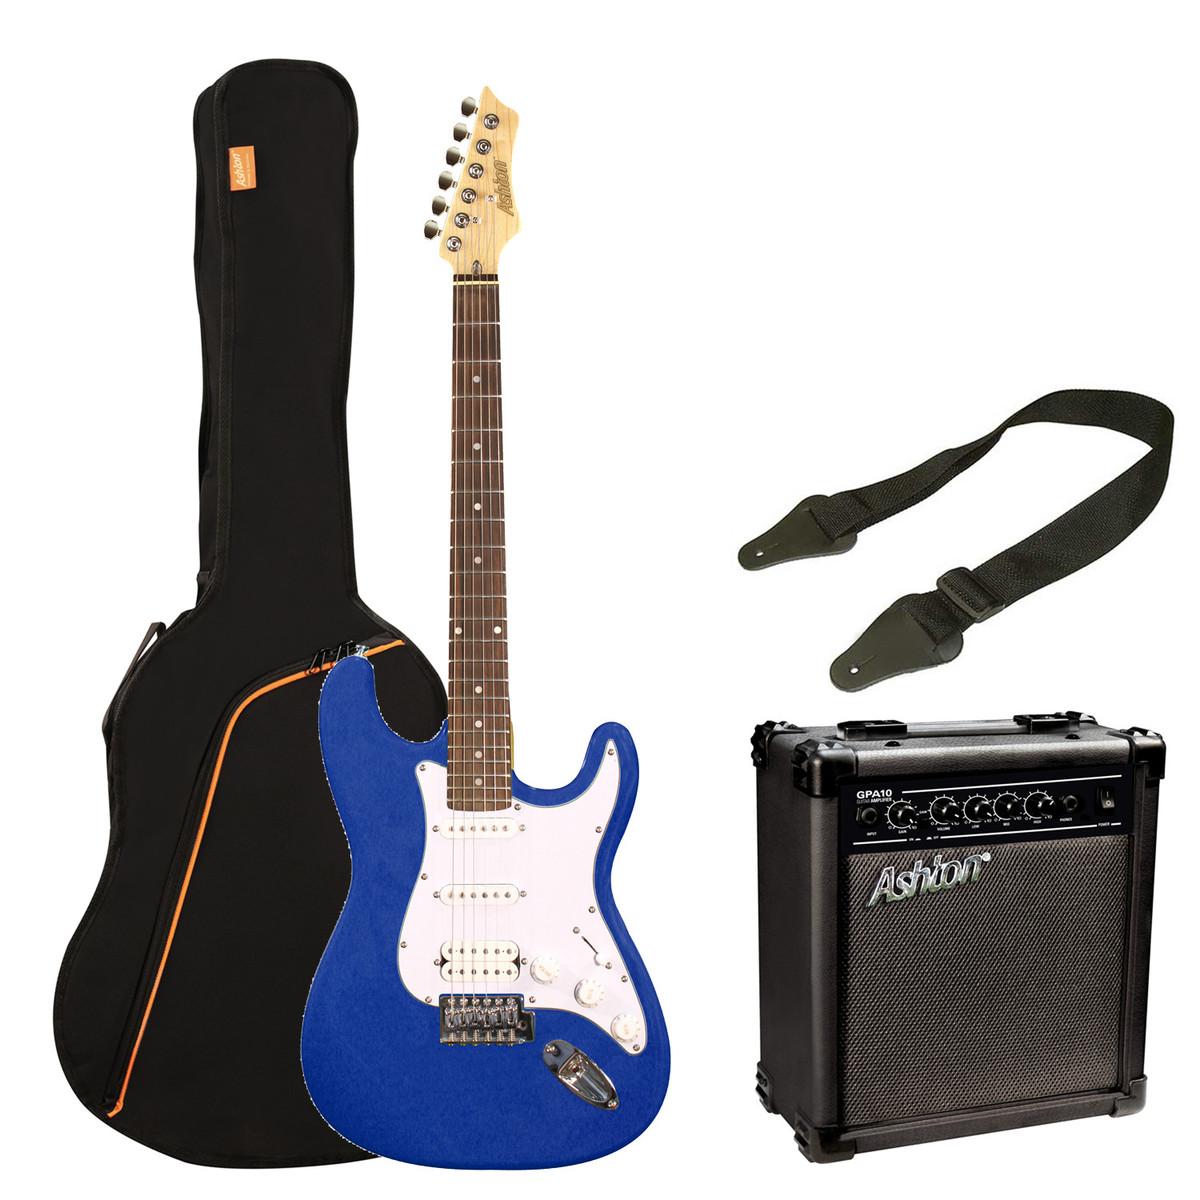 ashton spag232 electric guitar starter pack transparent dark blue at. Black Bedroom Furniture Sets. Home Design Ideas